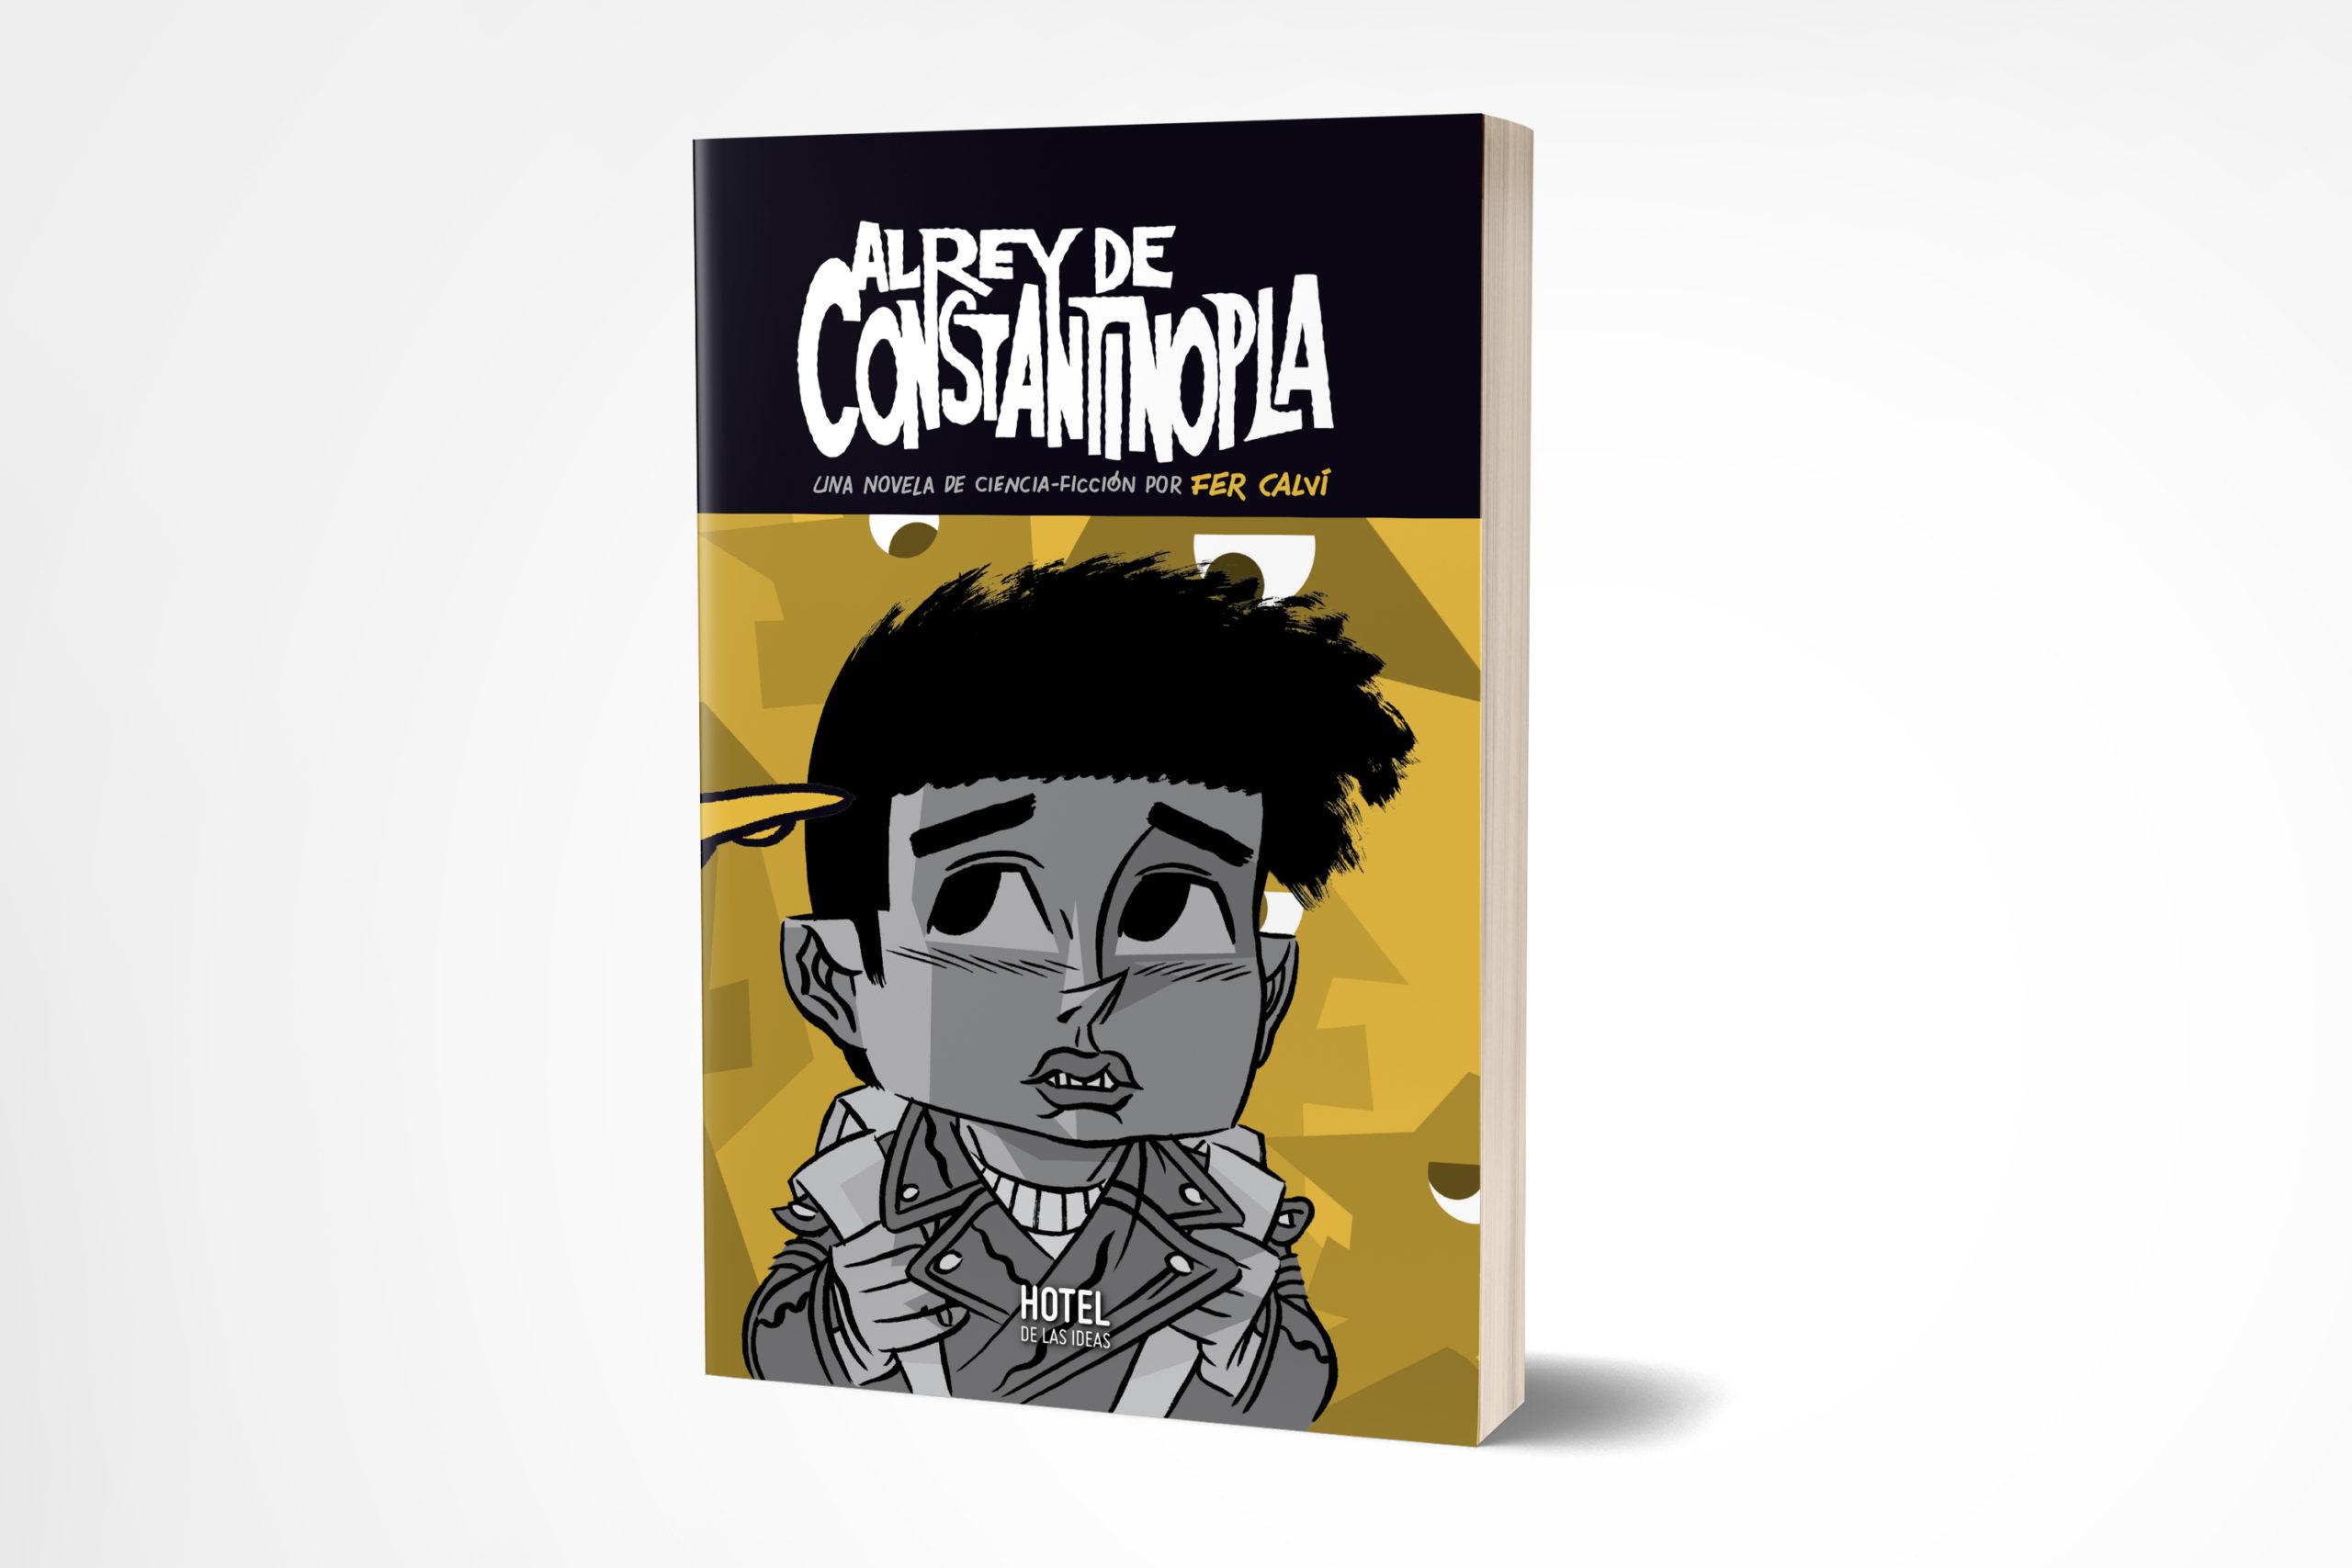 Al rey de Constantinopla